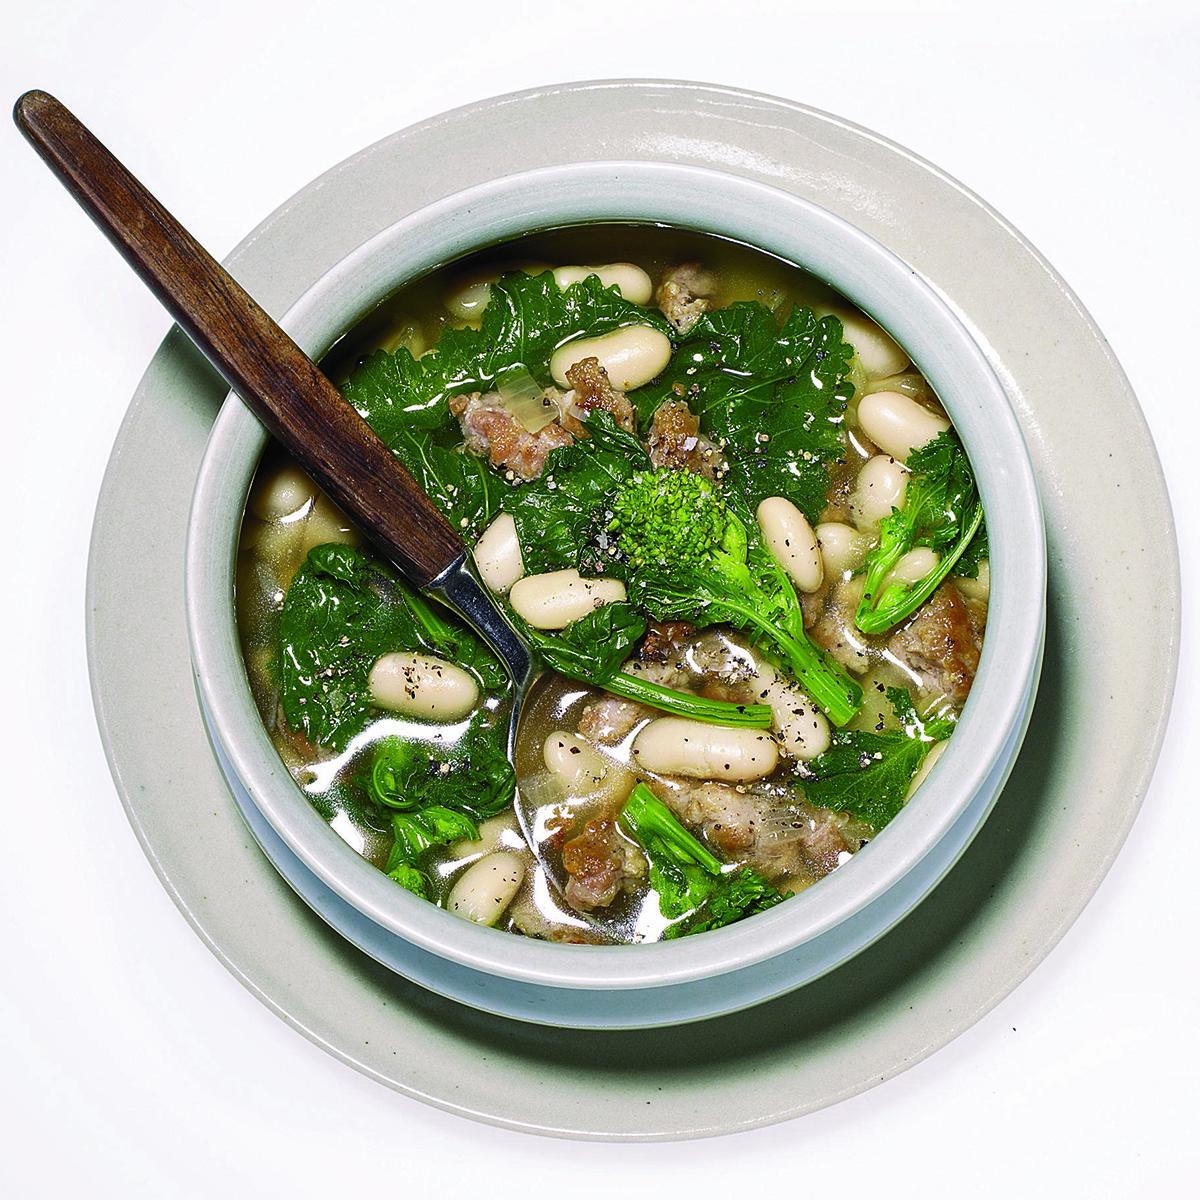 Broccoli Rabe-and-Sausage Soup